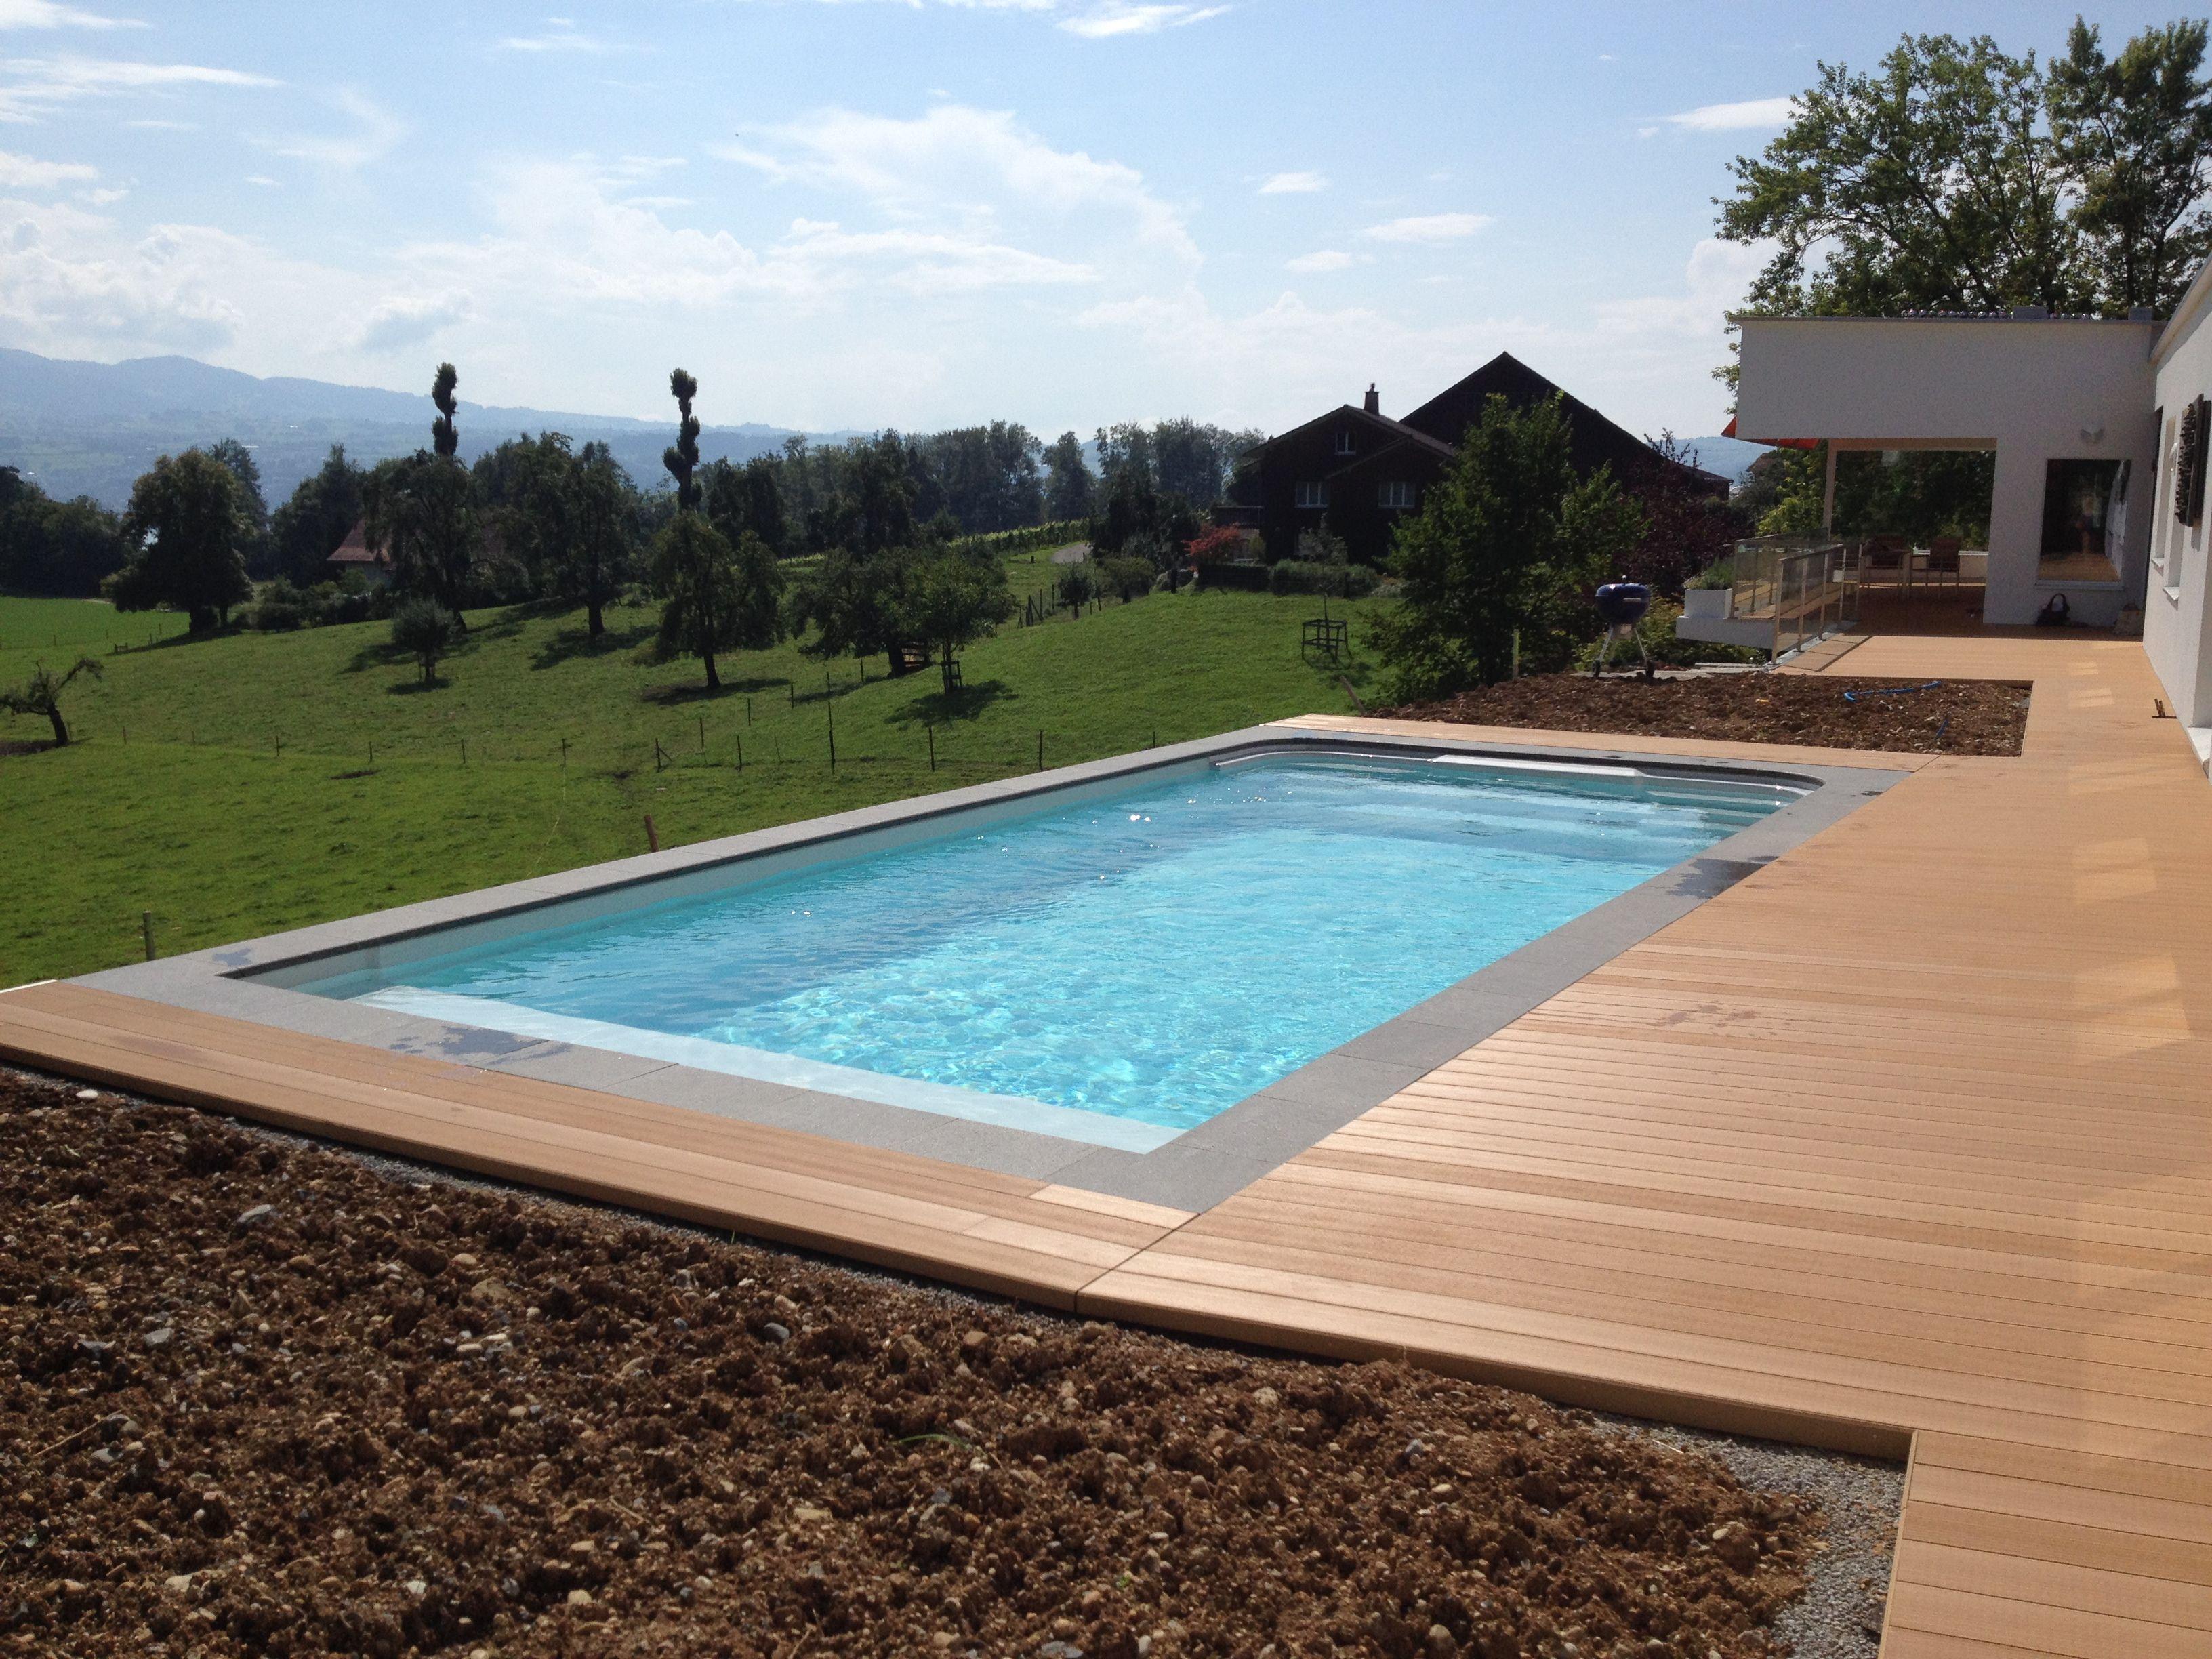 balkonterrasse mit pool und eine wundersch ne aussicht f r einen entspannten nachmittag wird. Black Bedroom Furniture Sets. Home Design Ideas